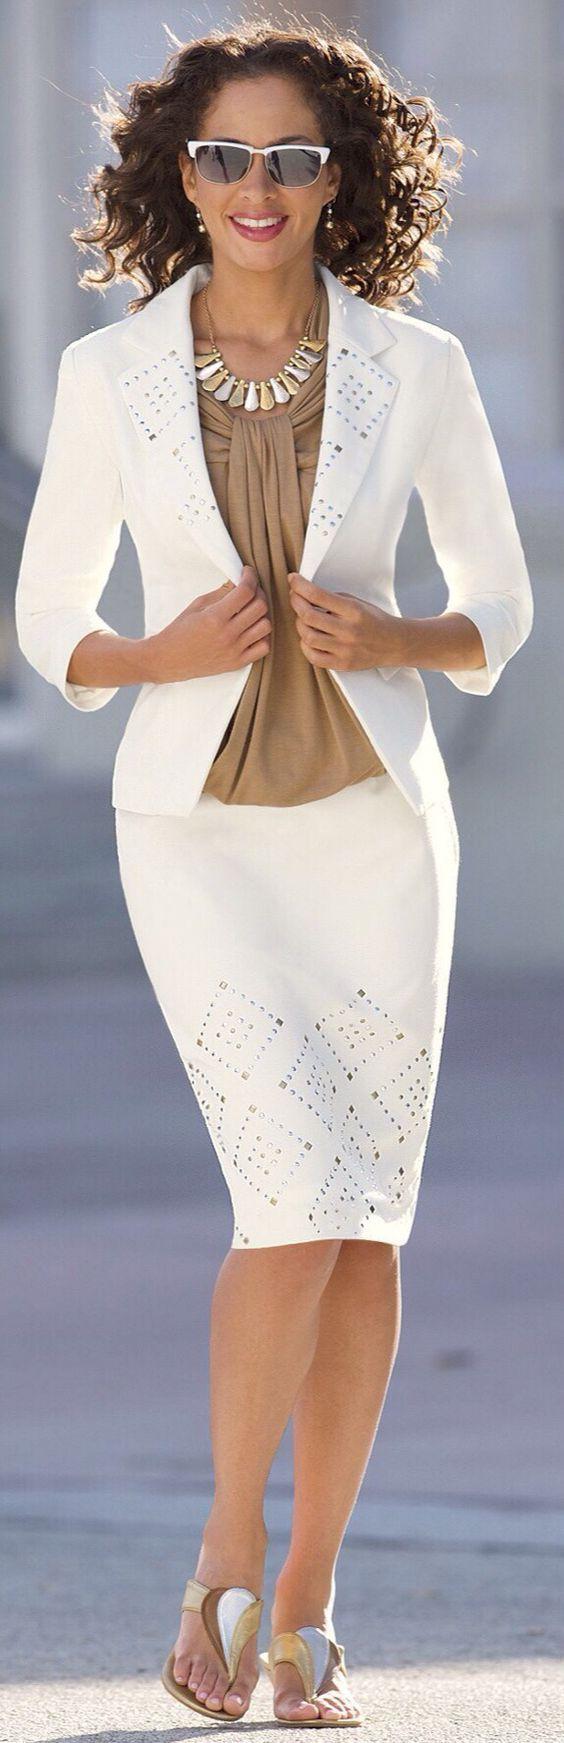 roressclothes clothing ideas #women fashion white pencil skirt ...